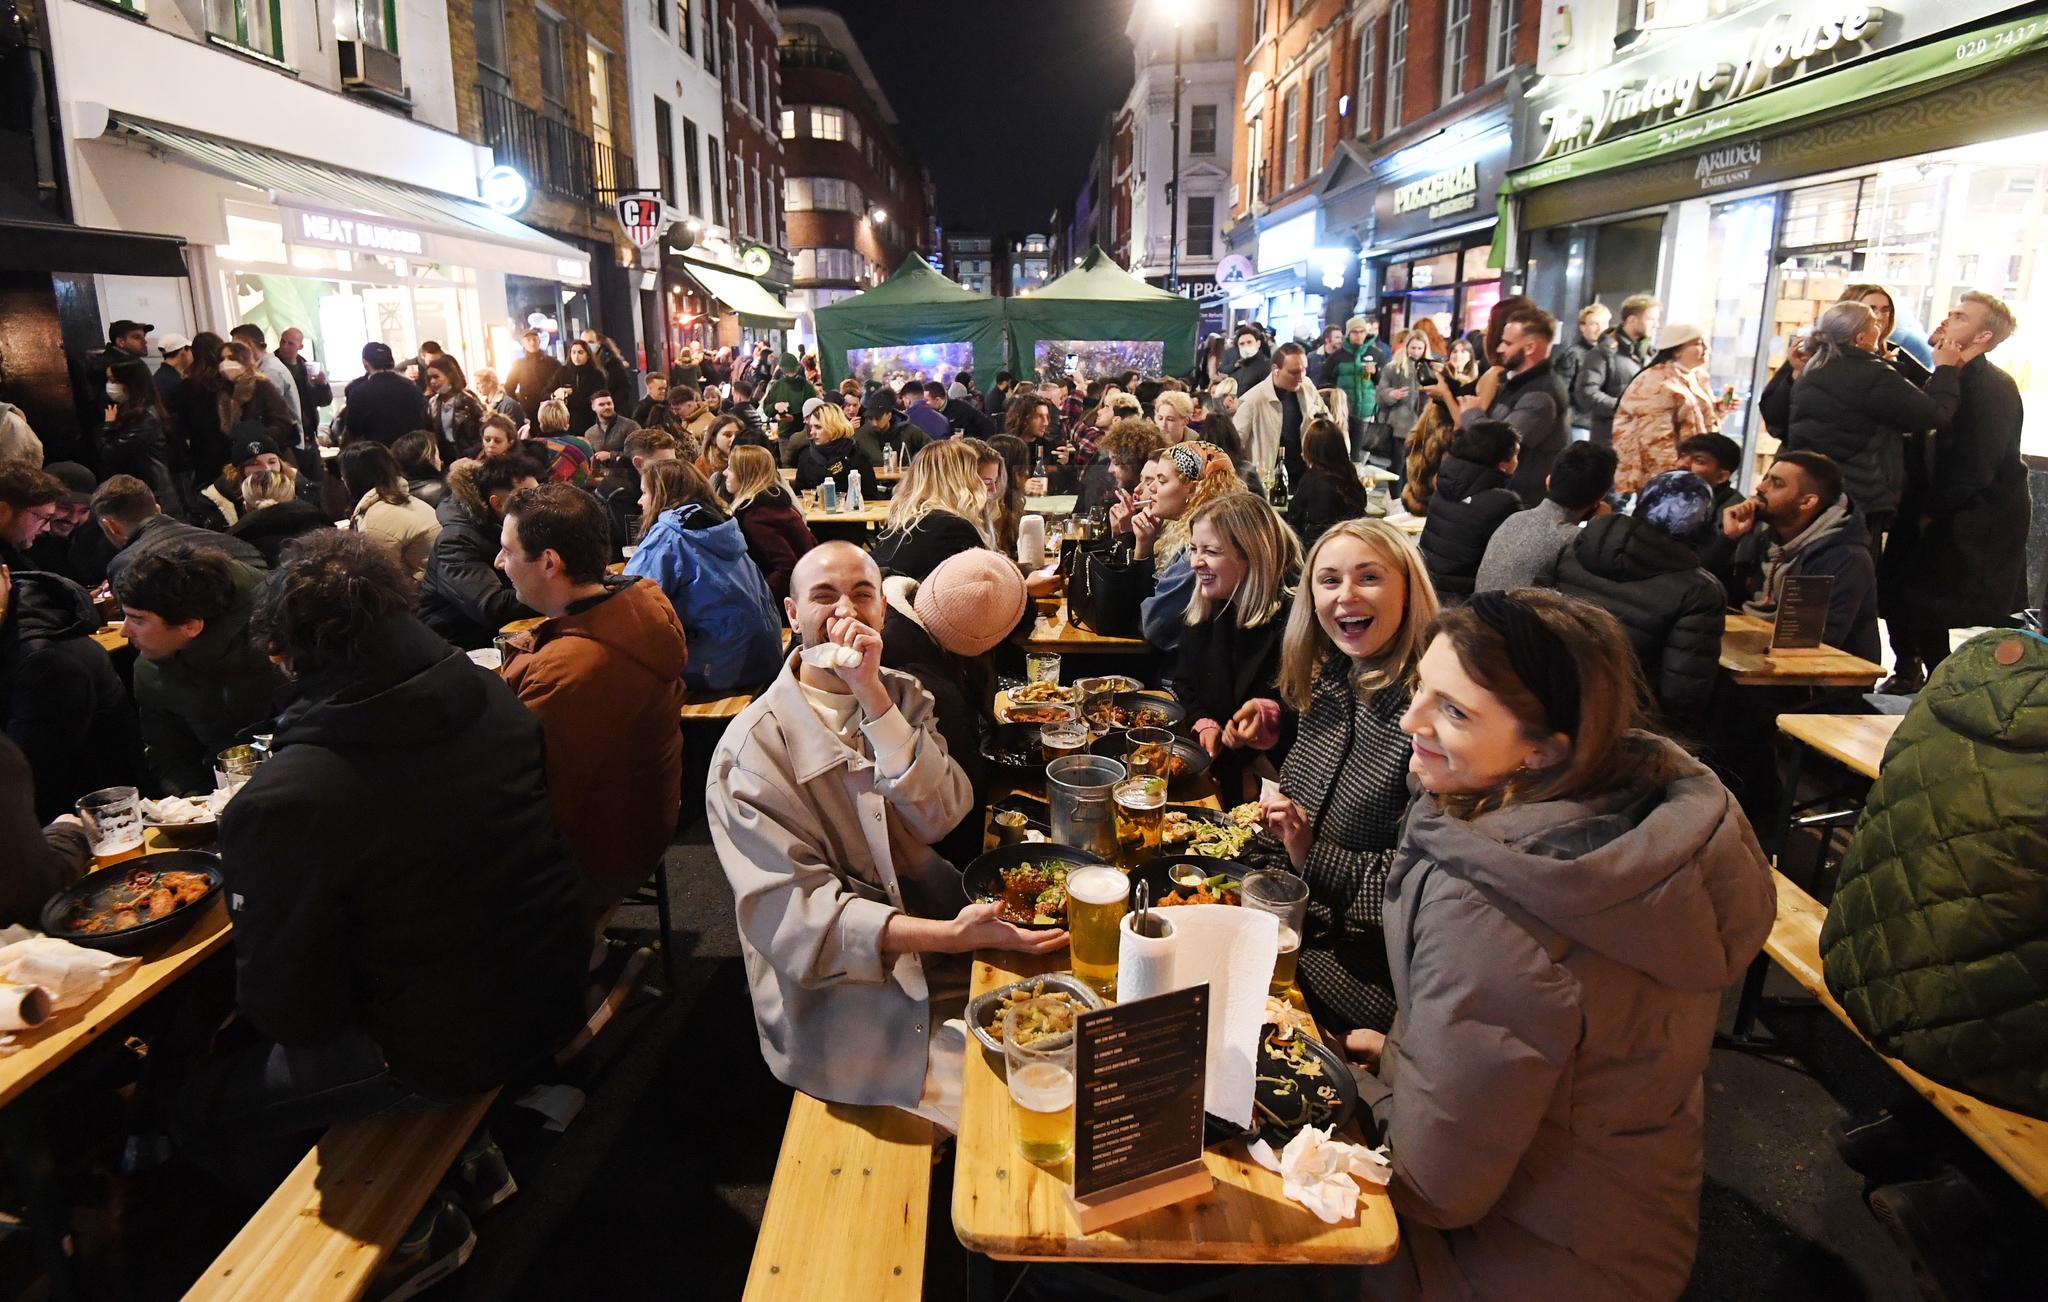 영국 런던 시민들이 12일(현지시간) 소호거리의 야외 식당에서 음식을 먹고 술을 마시고 있다. 영국은 이날부터 코로나 19 방역을 위한 봉쇄조치를 완화해 야외 업소들이 일제히 영업을 재개했다. EPA=연합뉴스